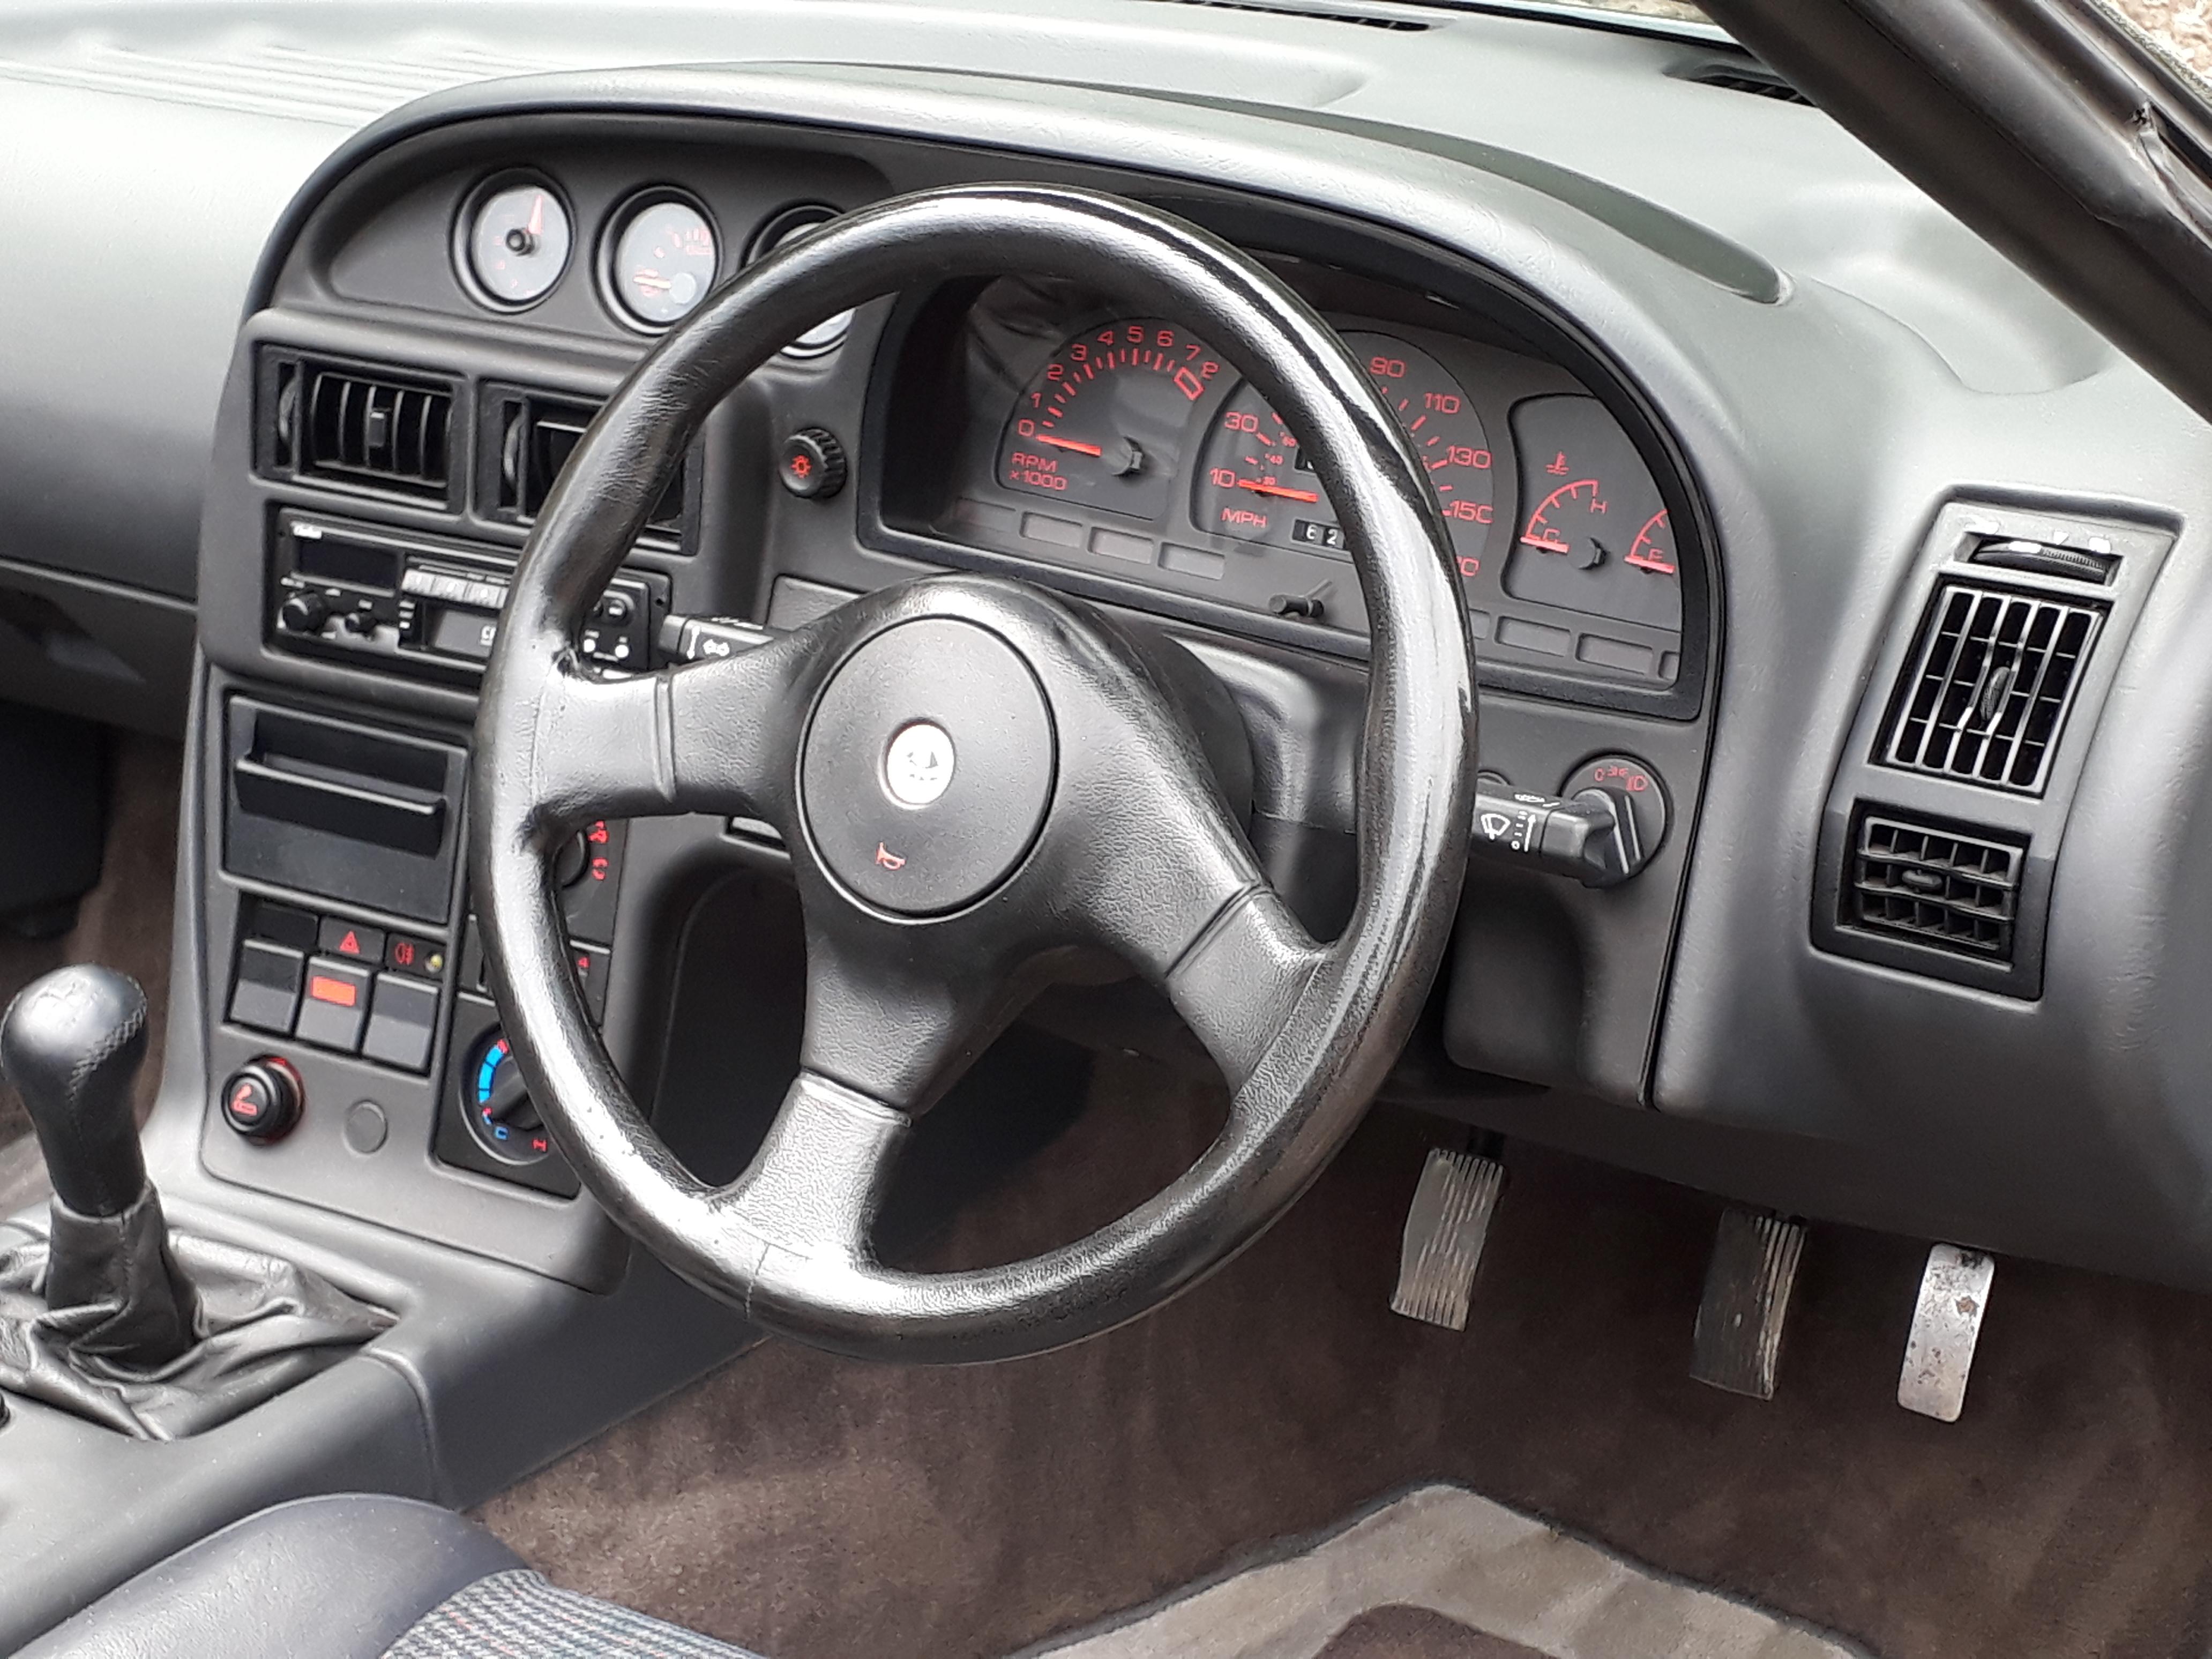 Lotus Elan Steering Wheel